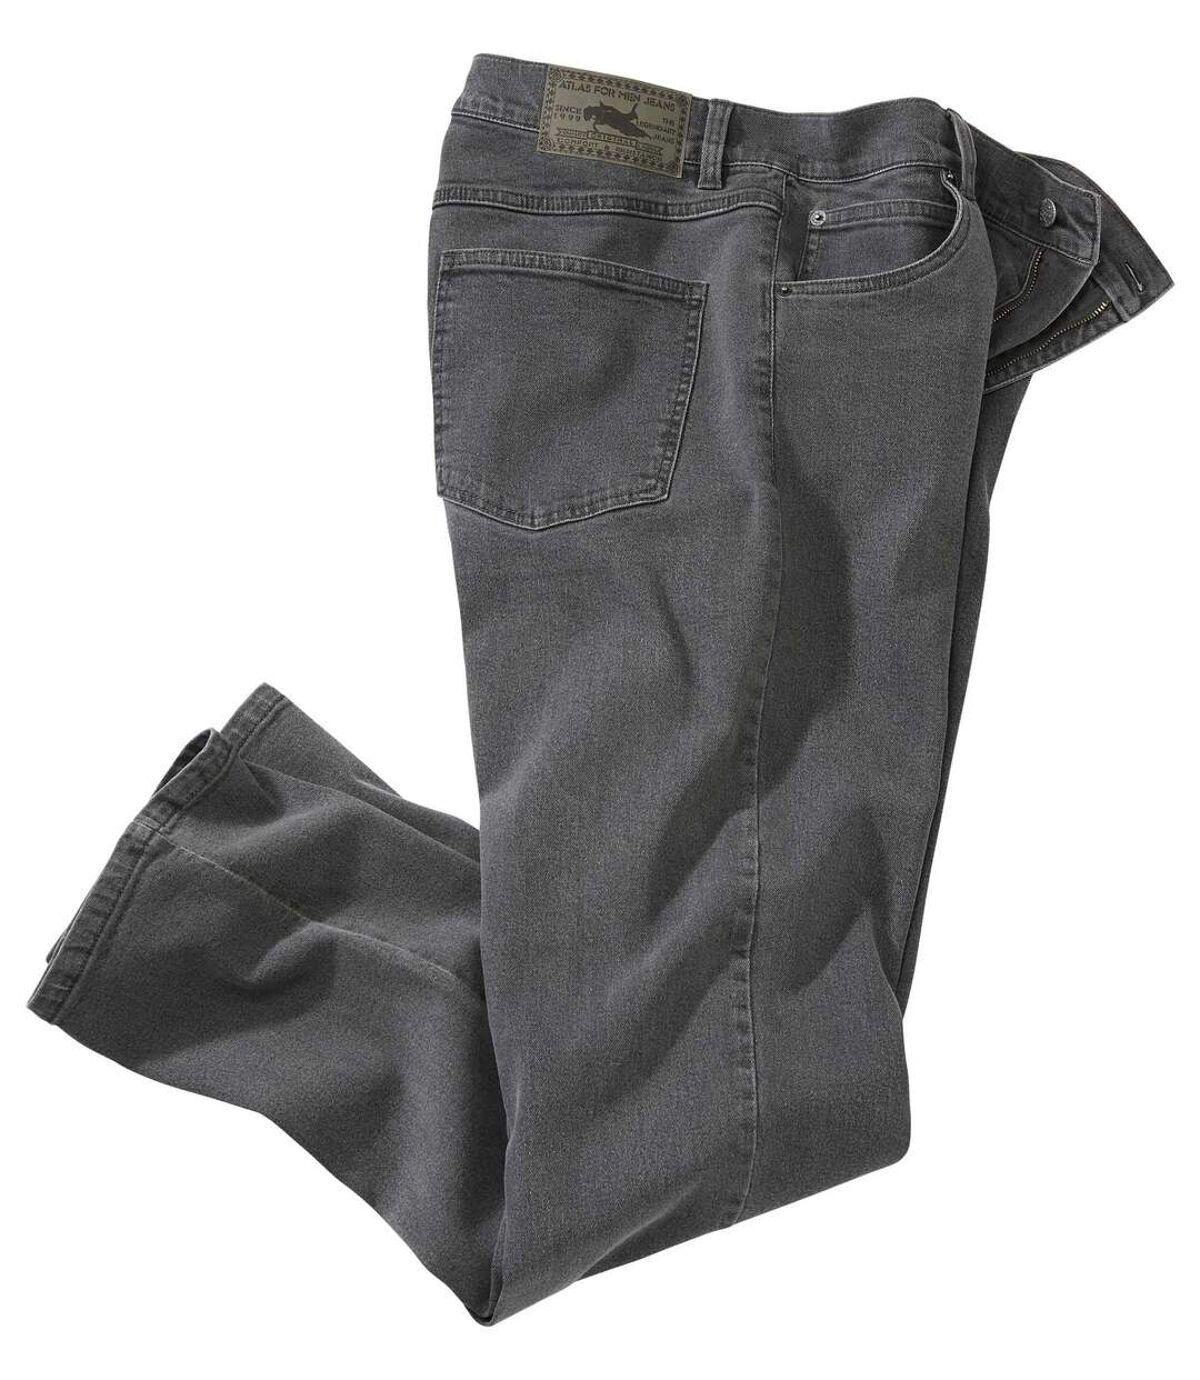 Šedé strečové džíny Regular Atlas For Men